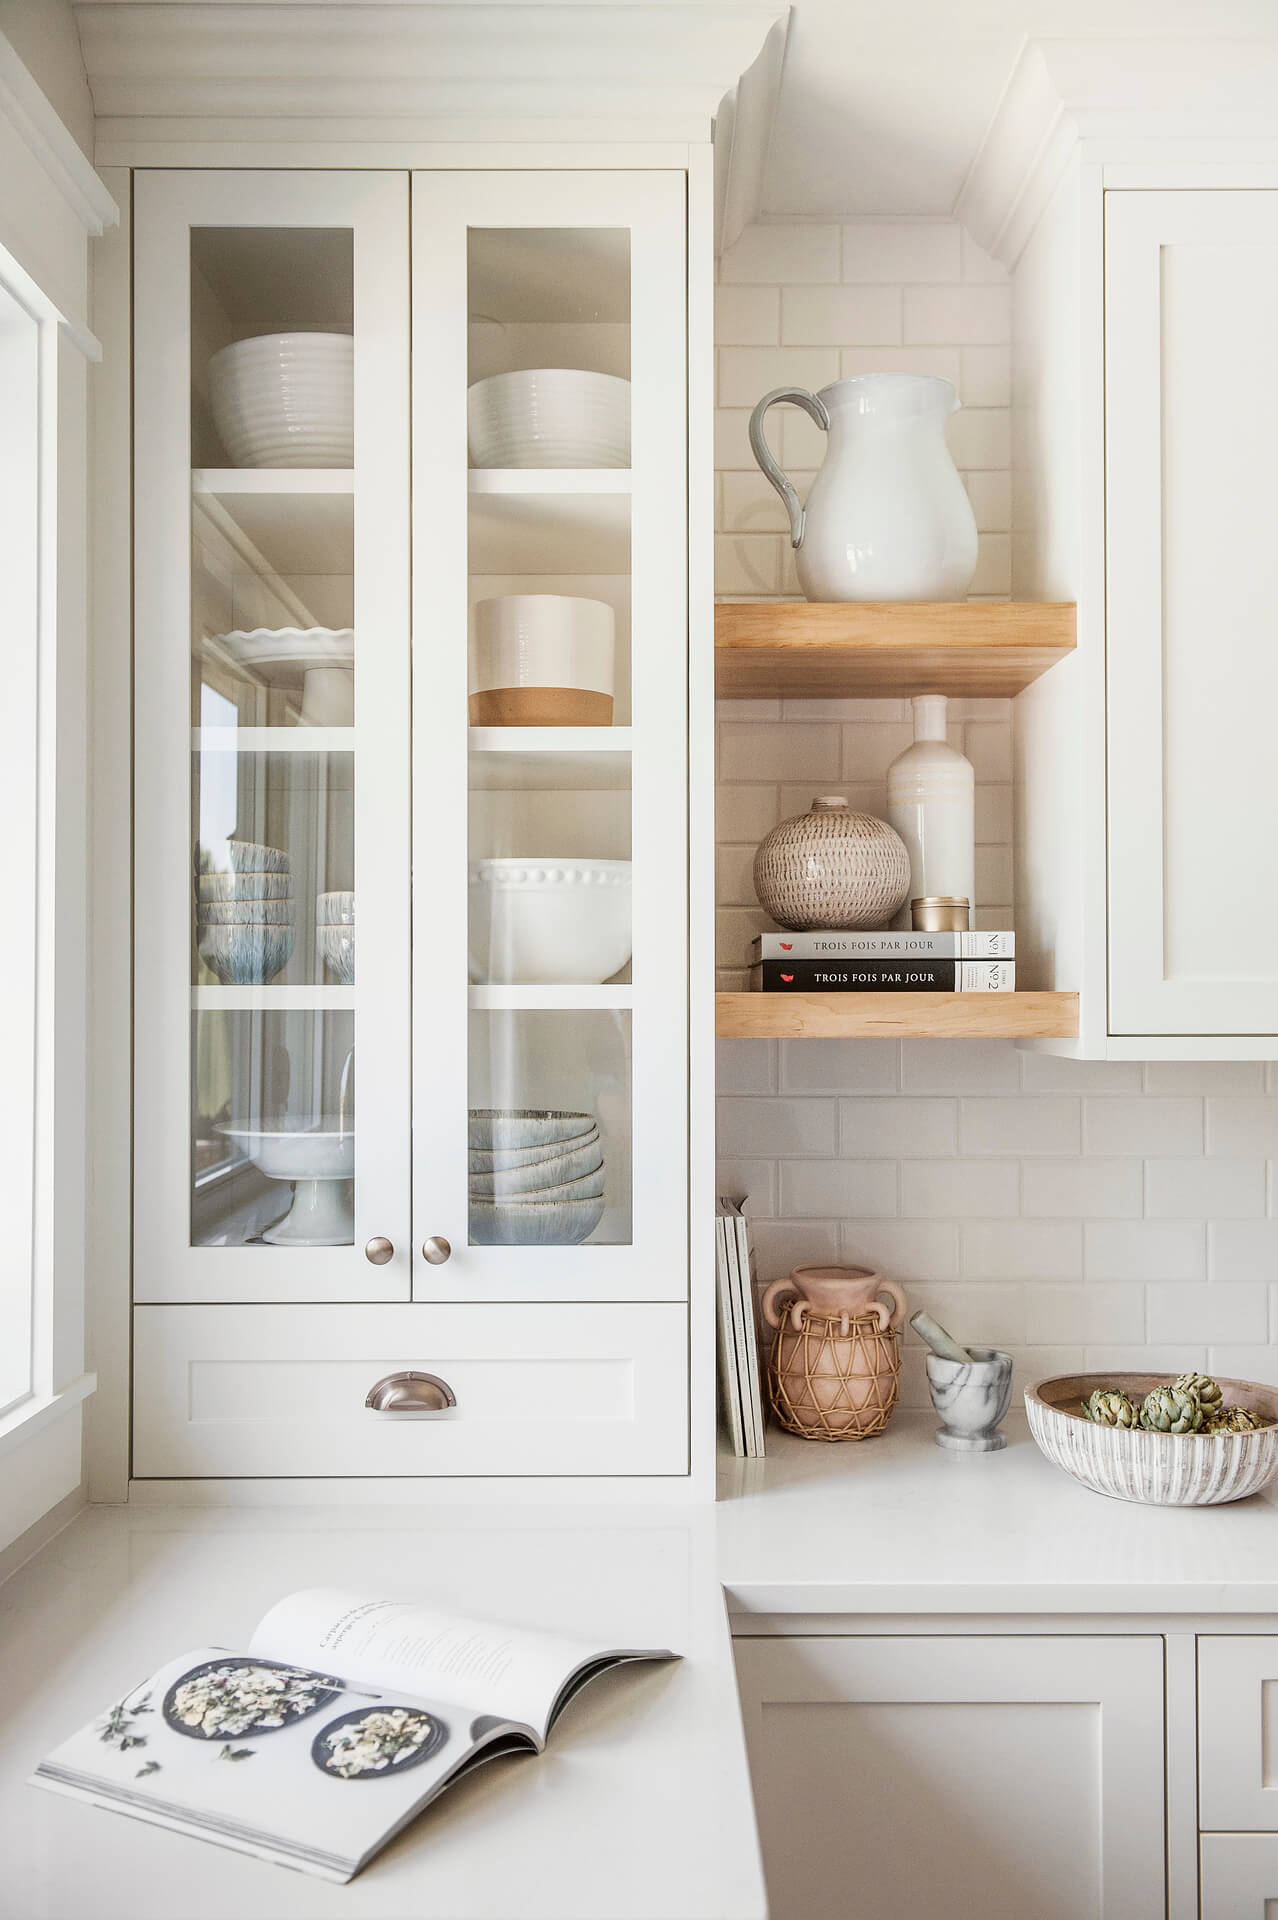 Frobisher AKB Design cuisine blanche farmhouse classique tablette bois luminaire osier ilot quarz 13